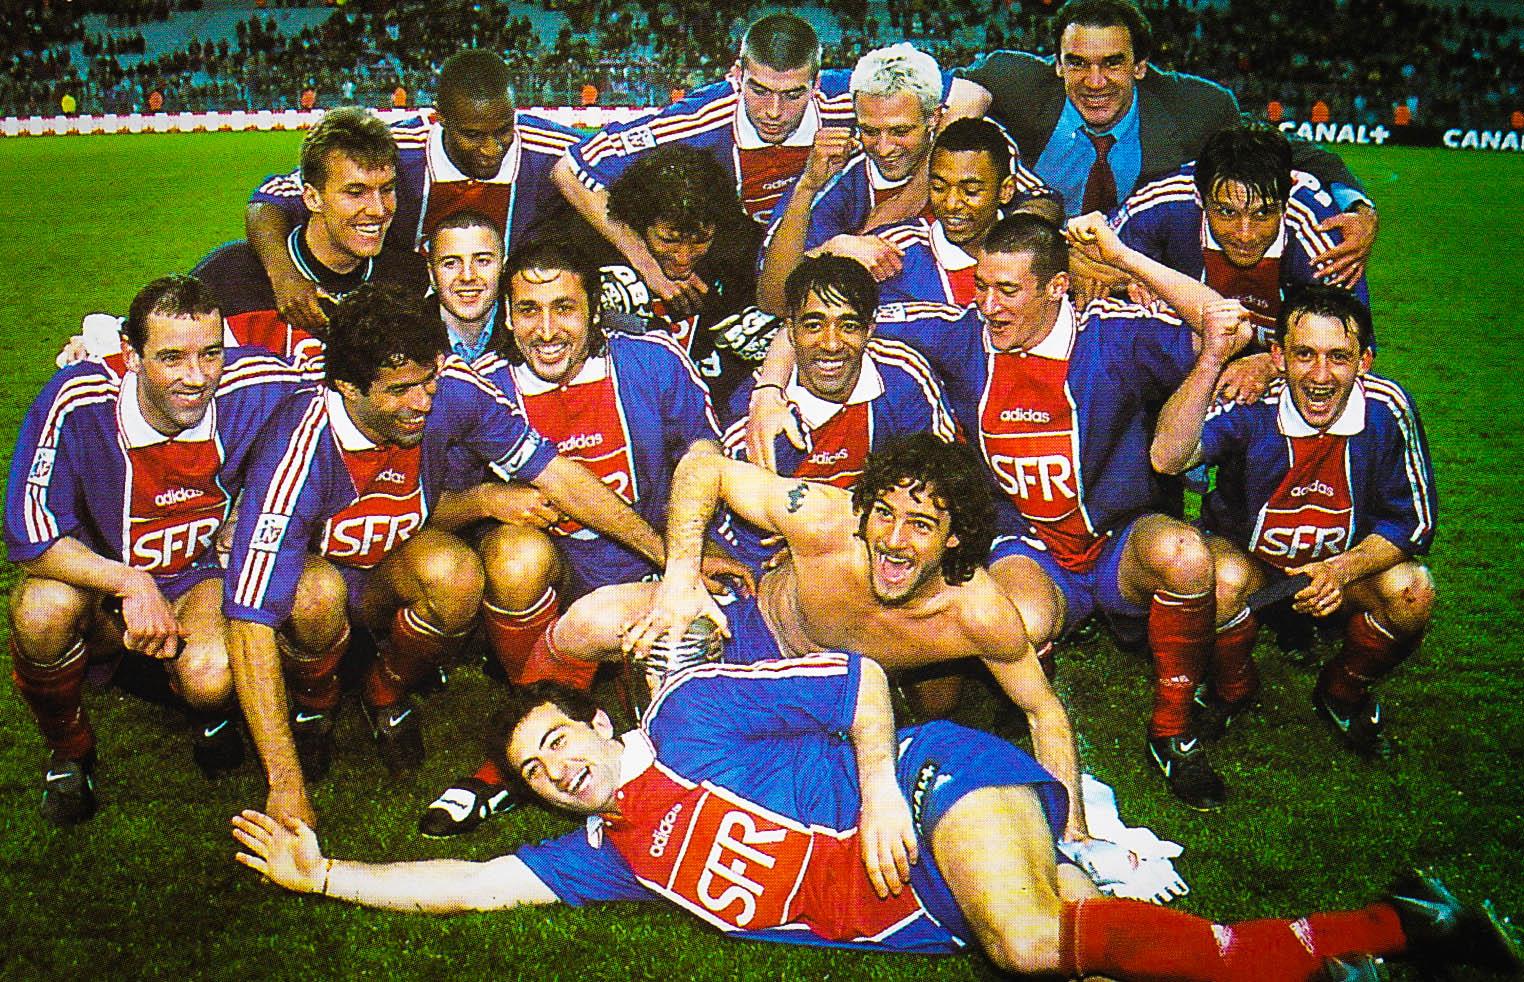 PSG vainqueur de la Coupe de la Ligue 1998